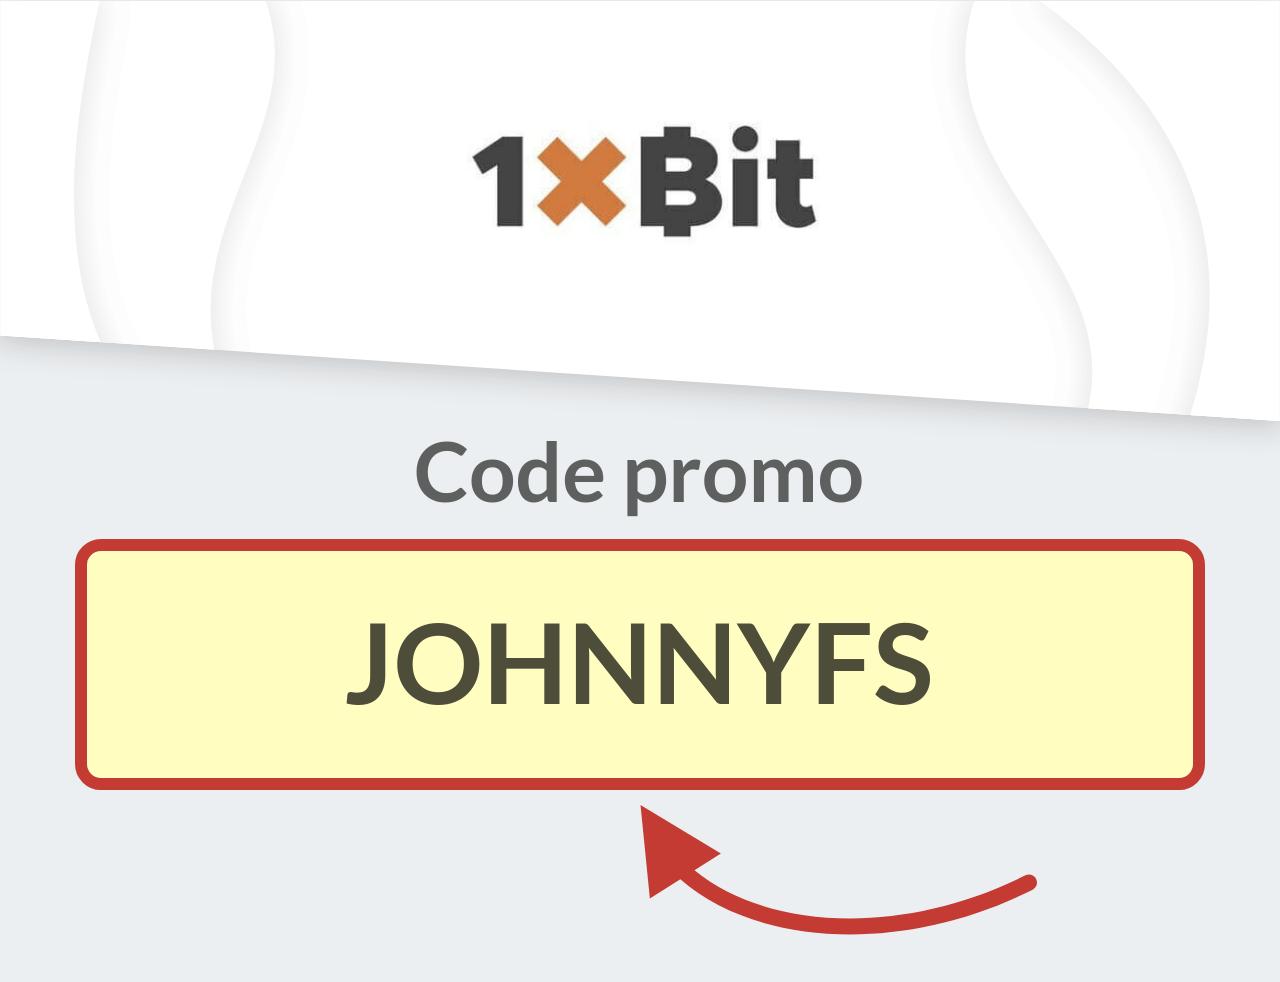 1XBit Code Promo